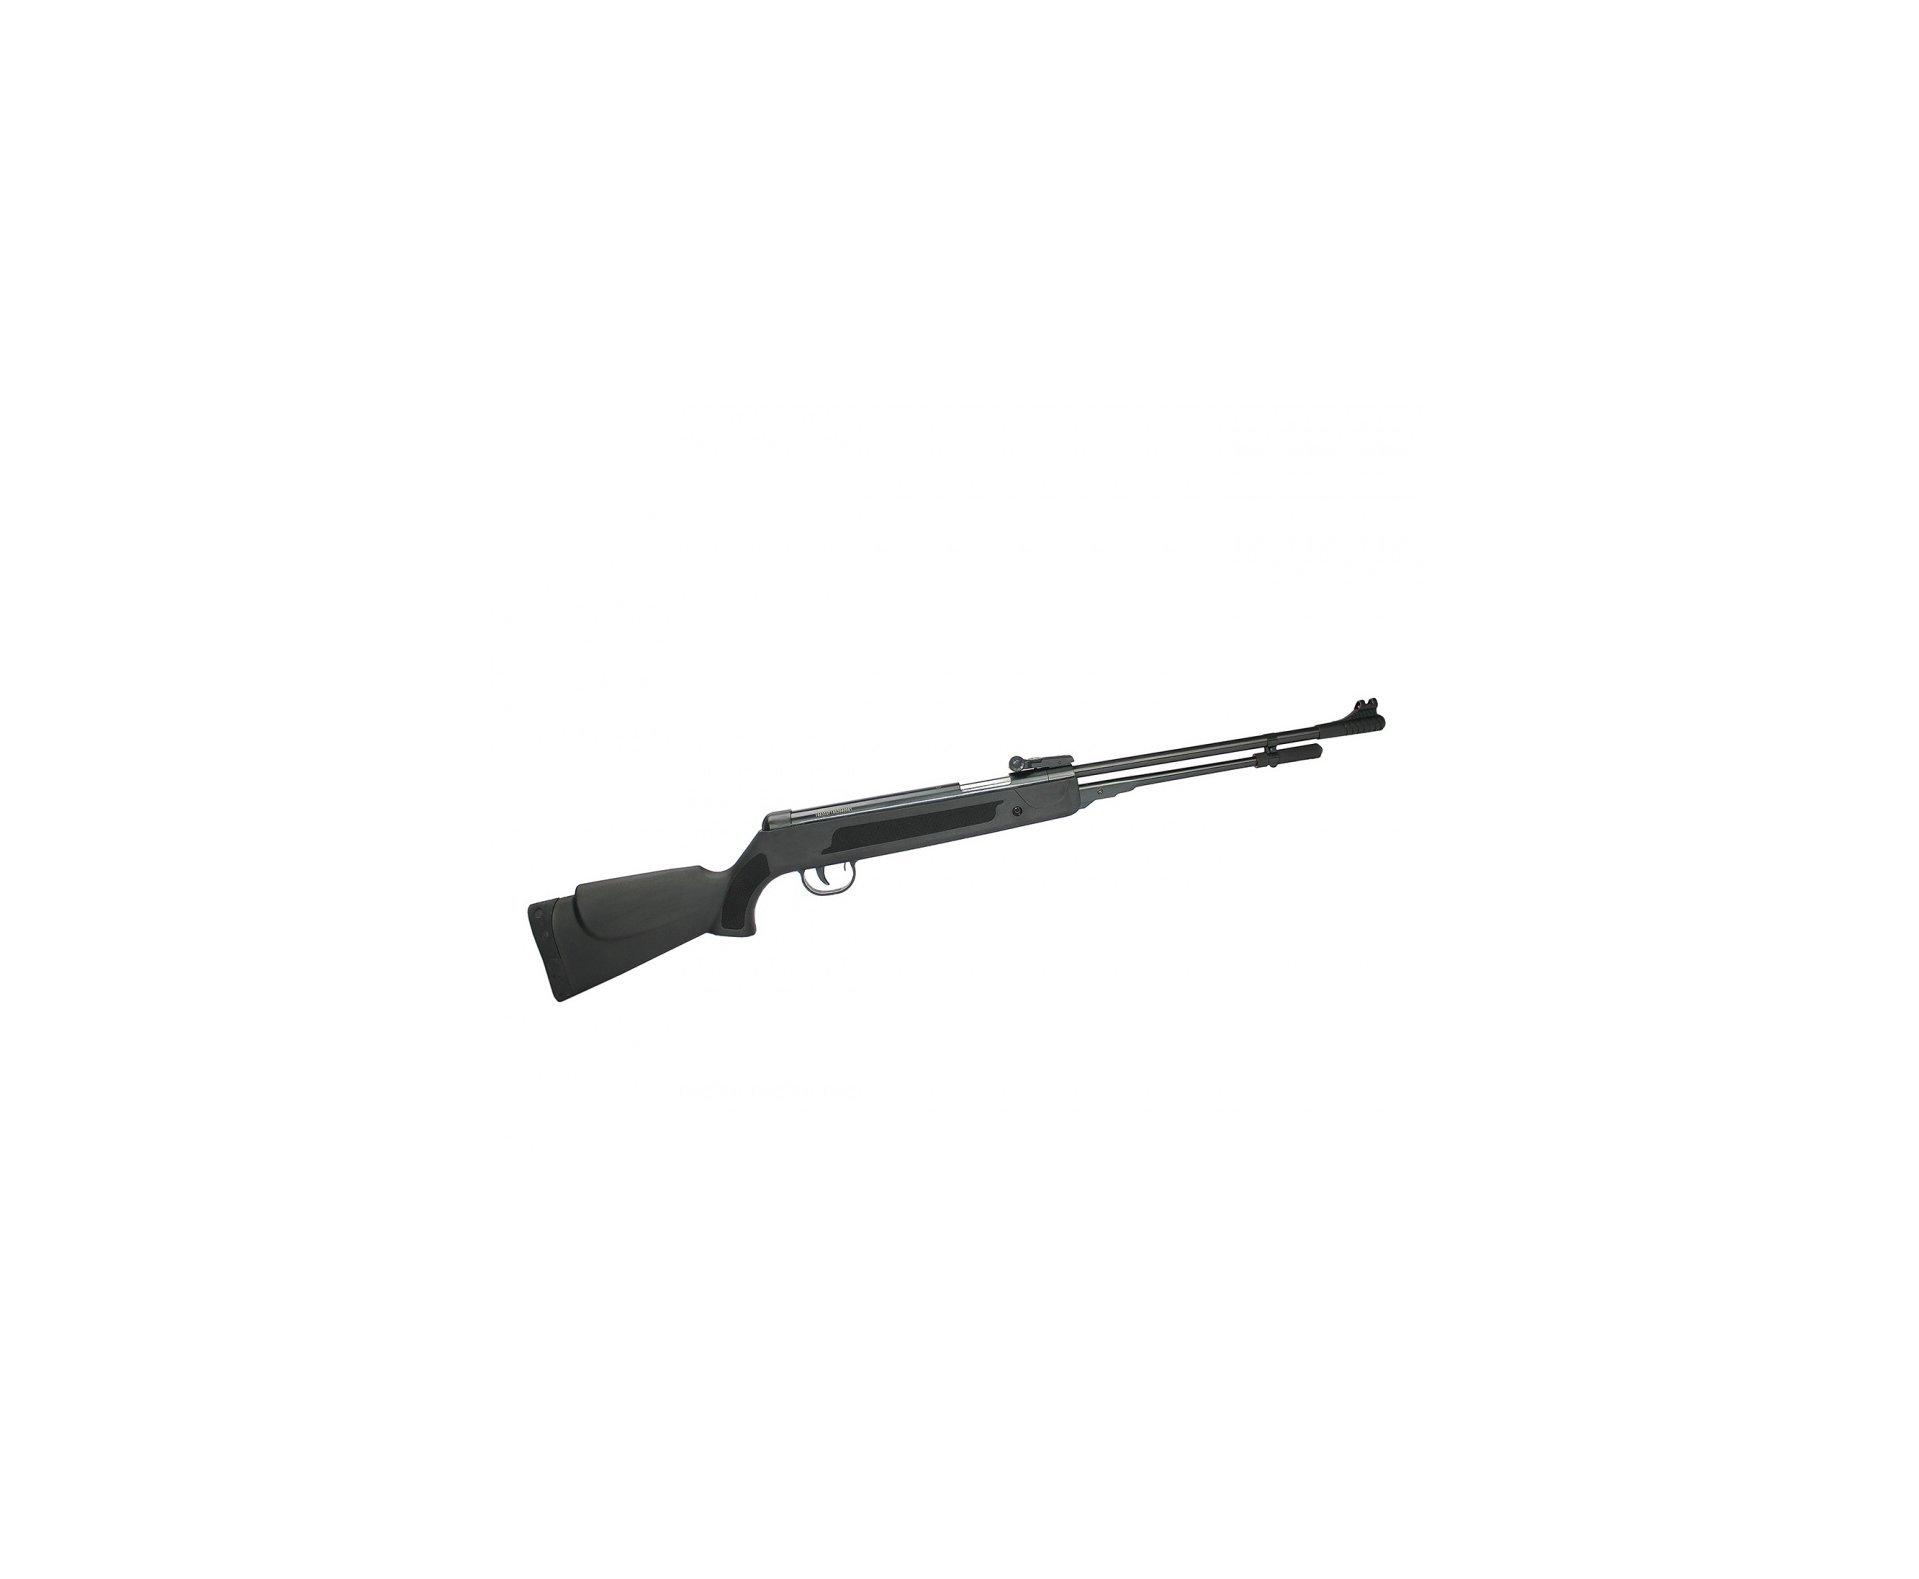 Carabina De Pressão Power Spring Black Cal 5.5mm Fixxar Gás Ram 50kg Instalado